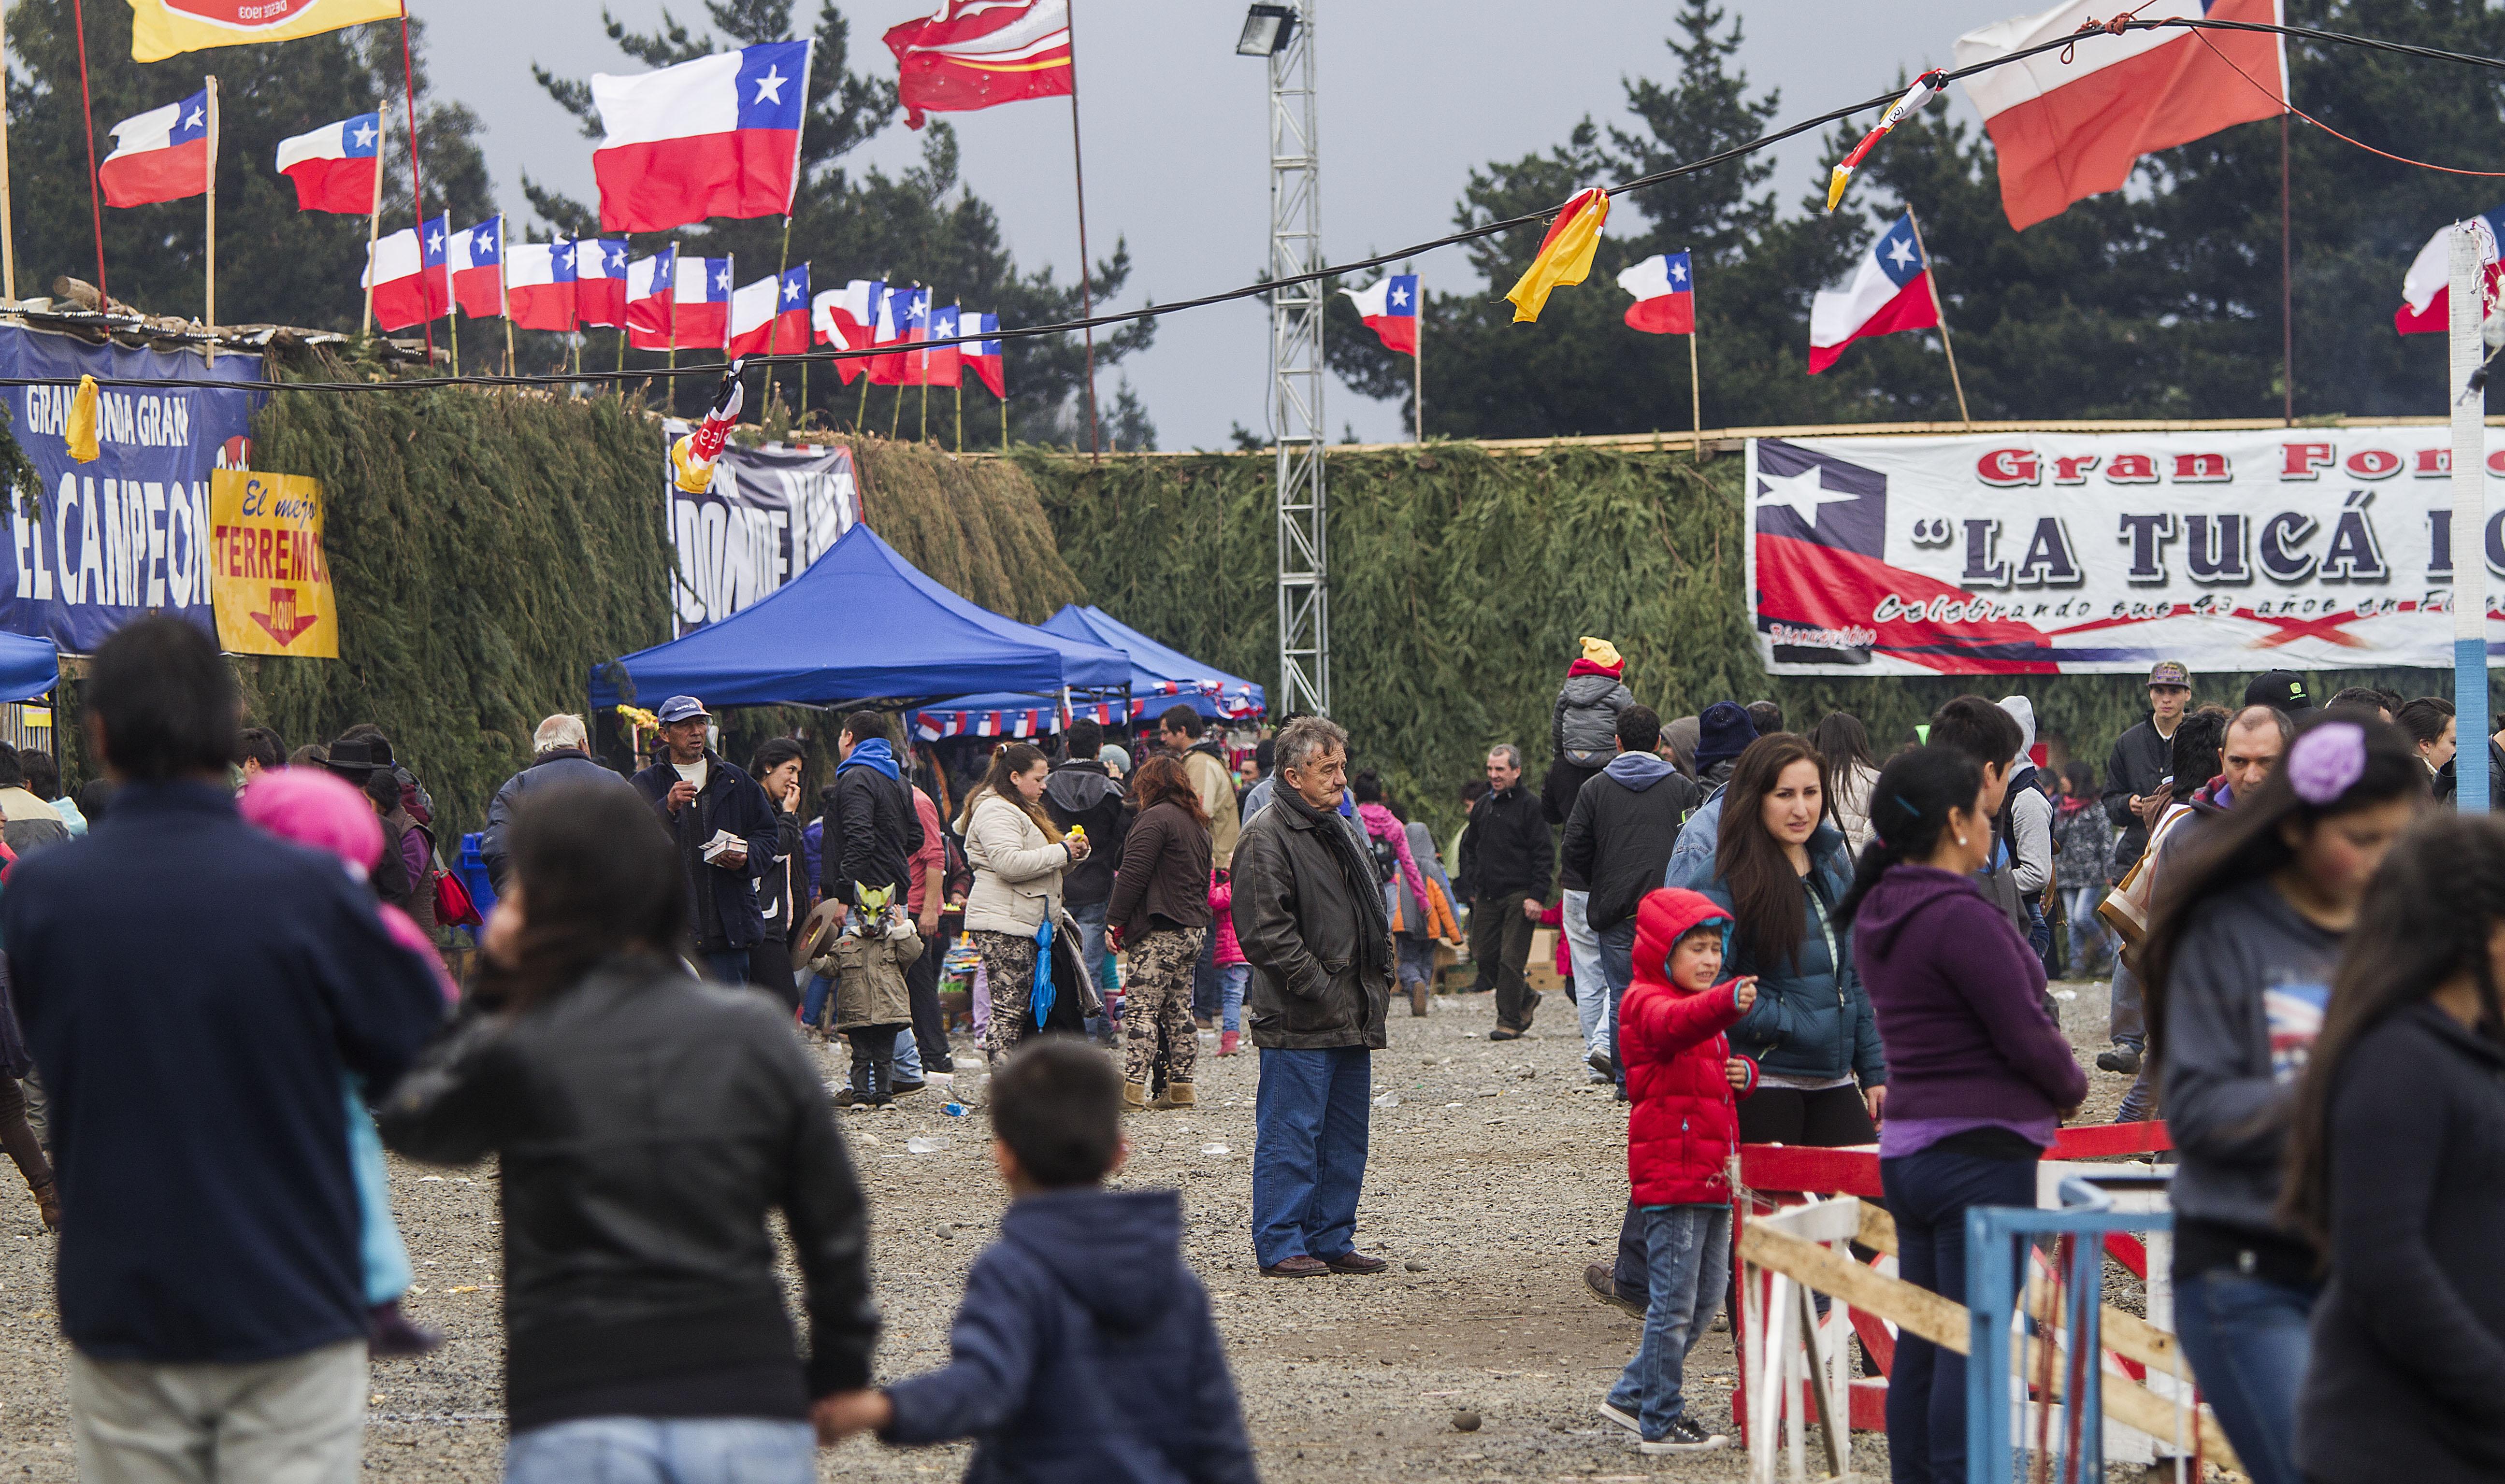 Celebraciones de fiestas patrias en Temuco